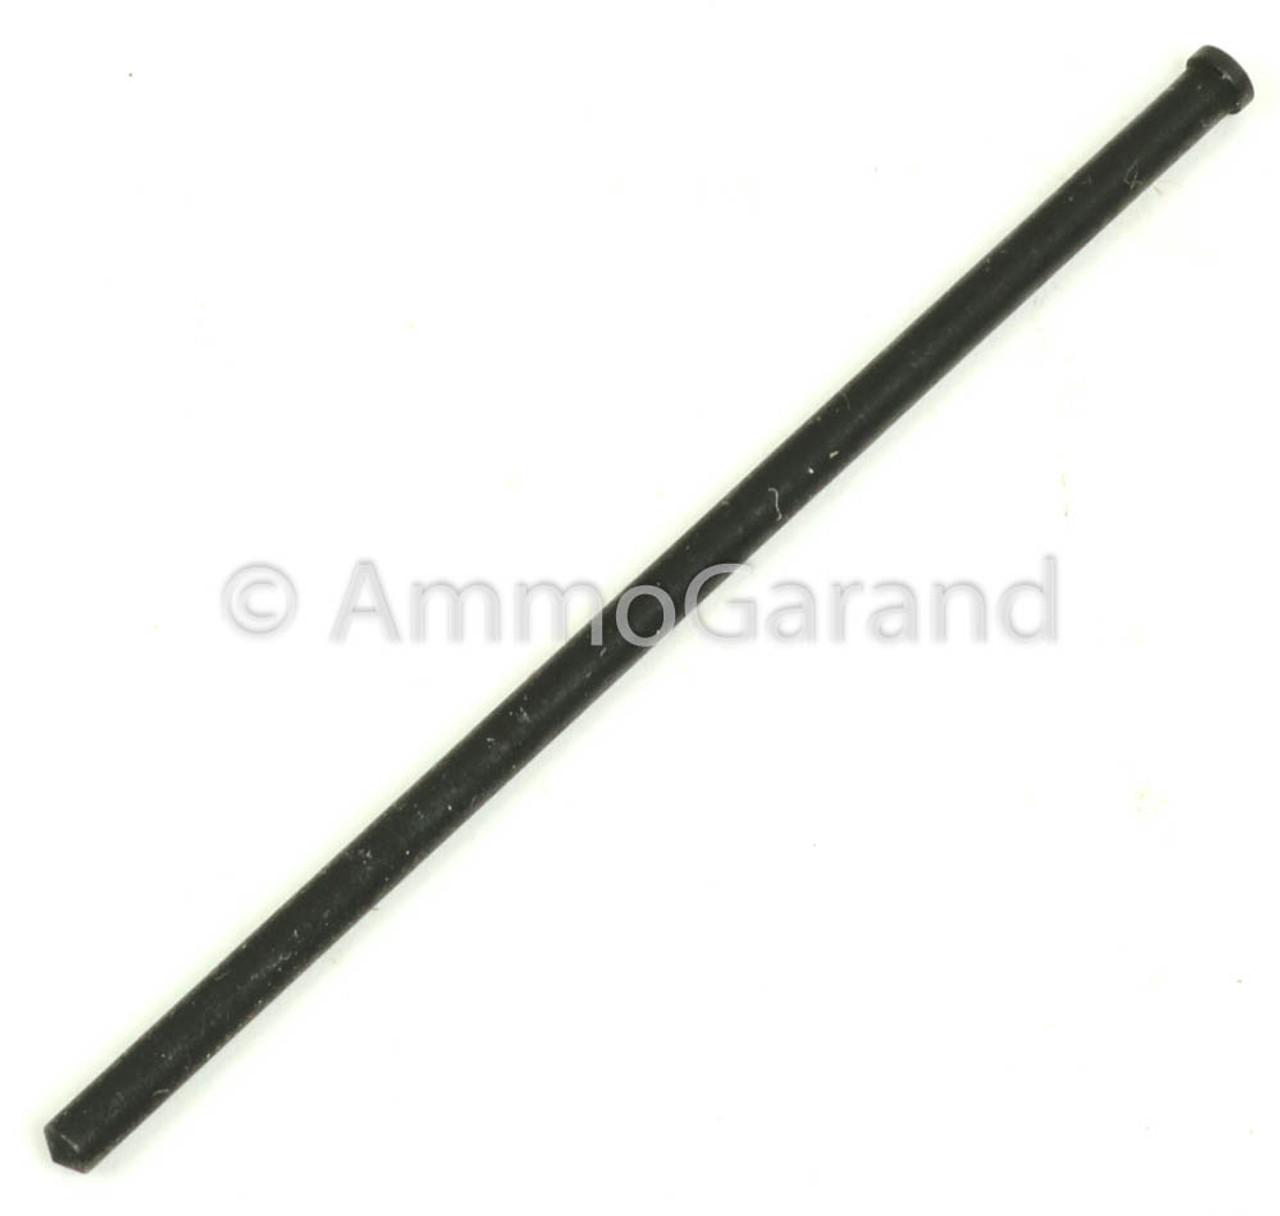 Clip Latch Pin M1 Garand